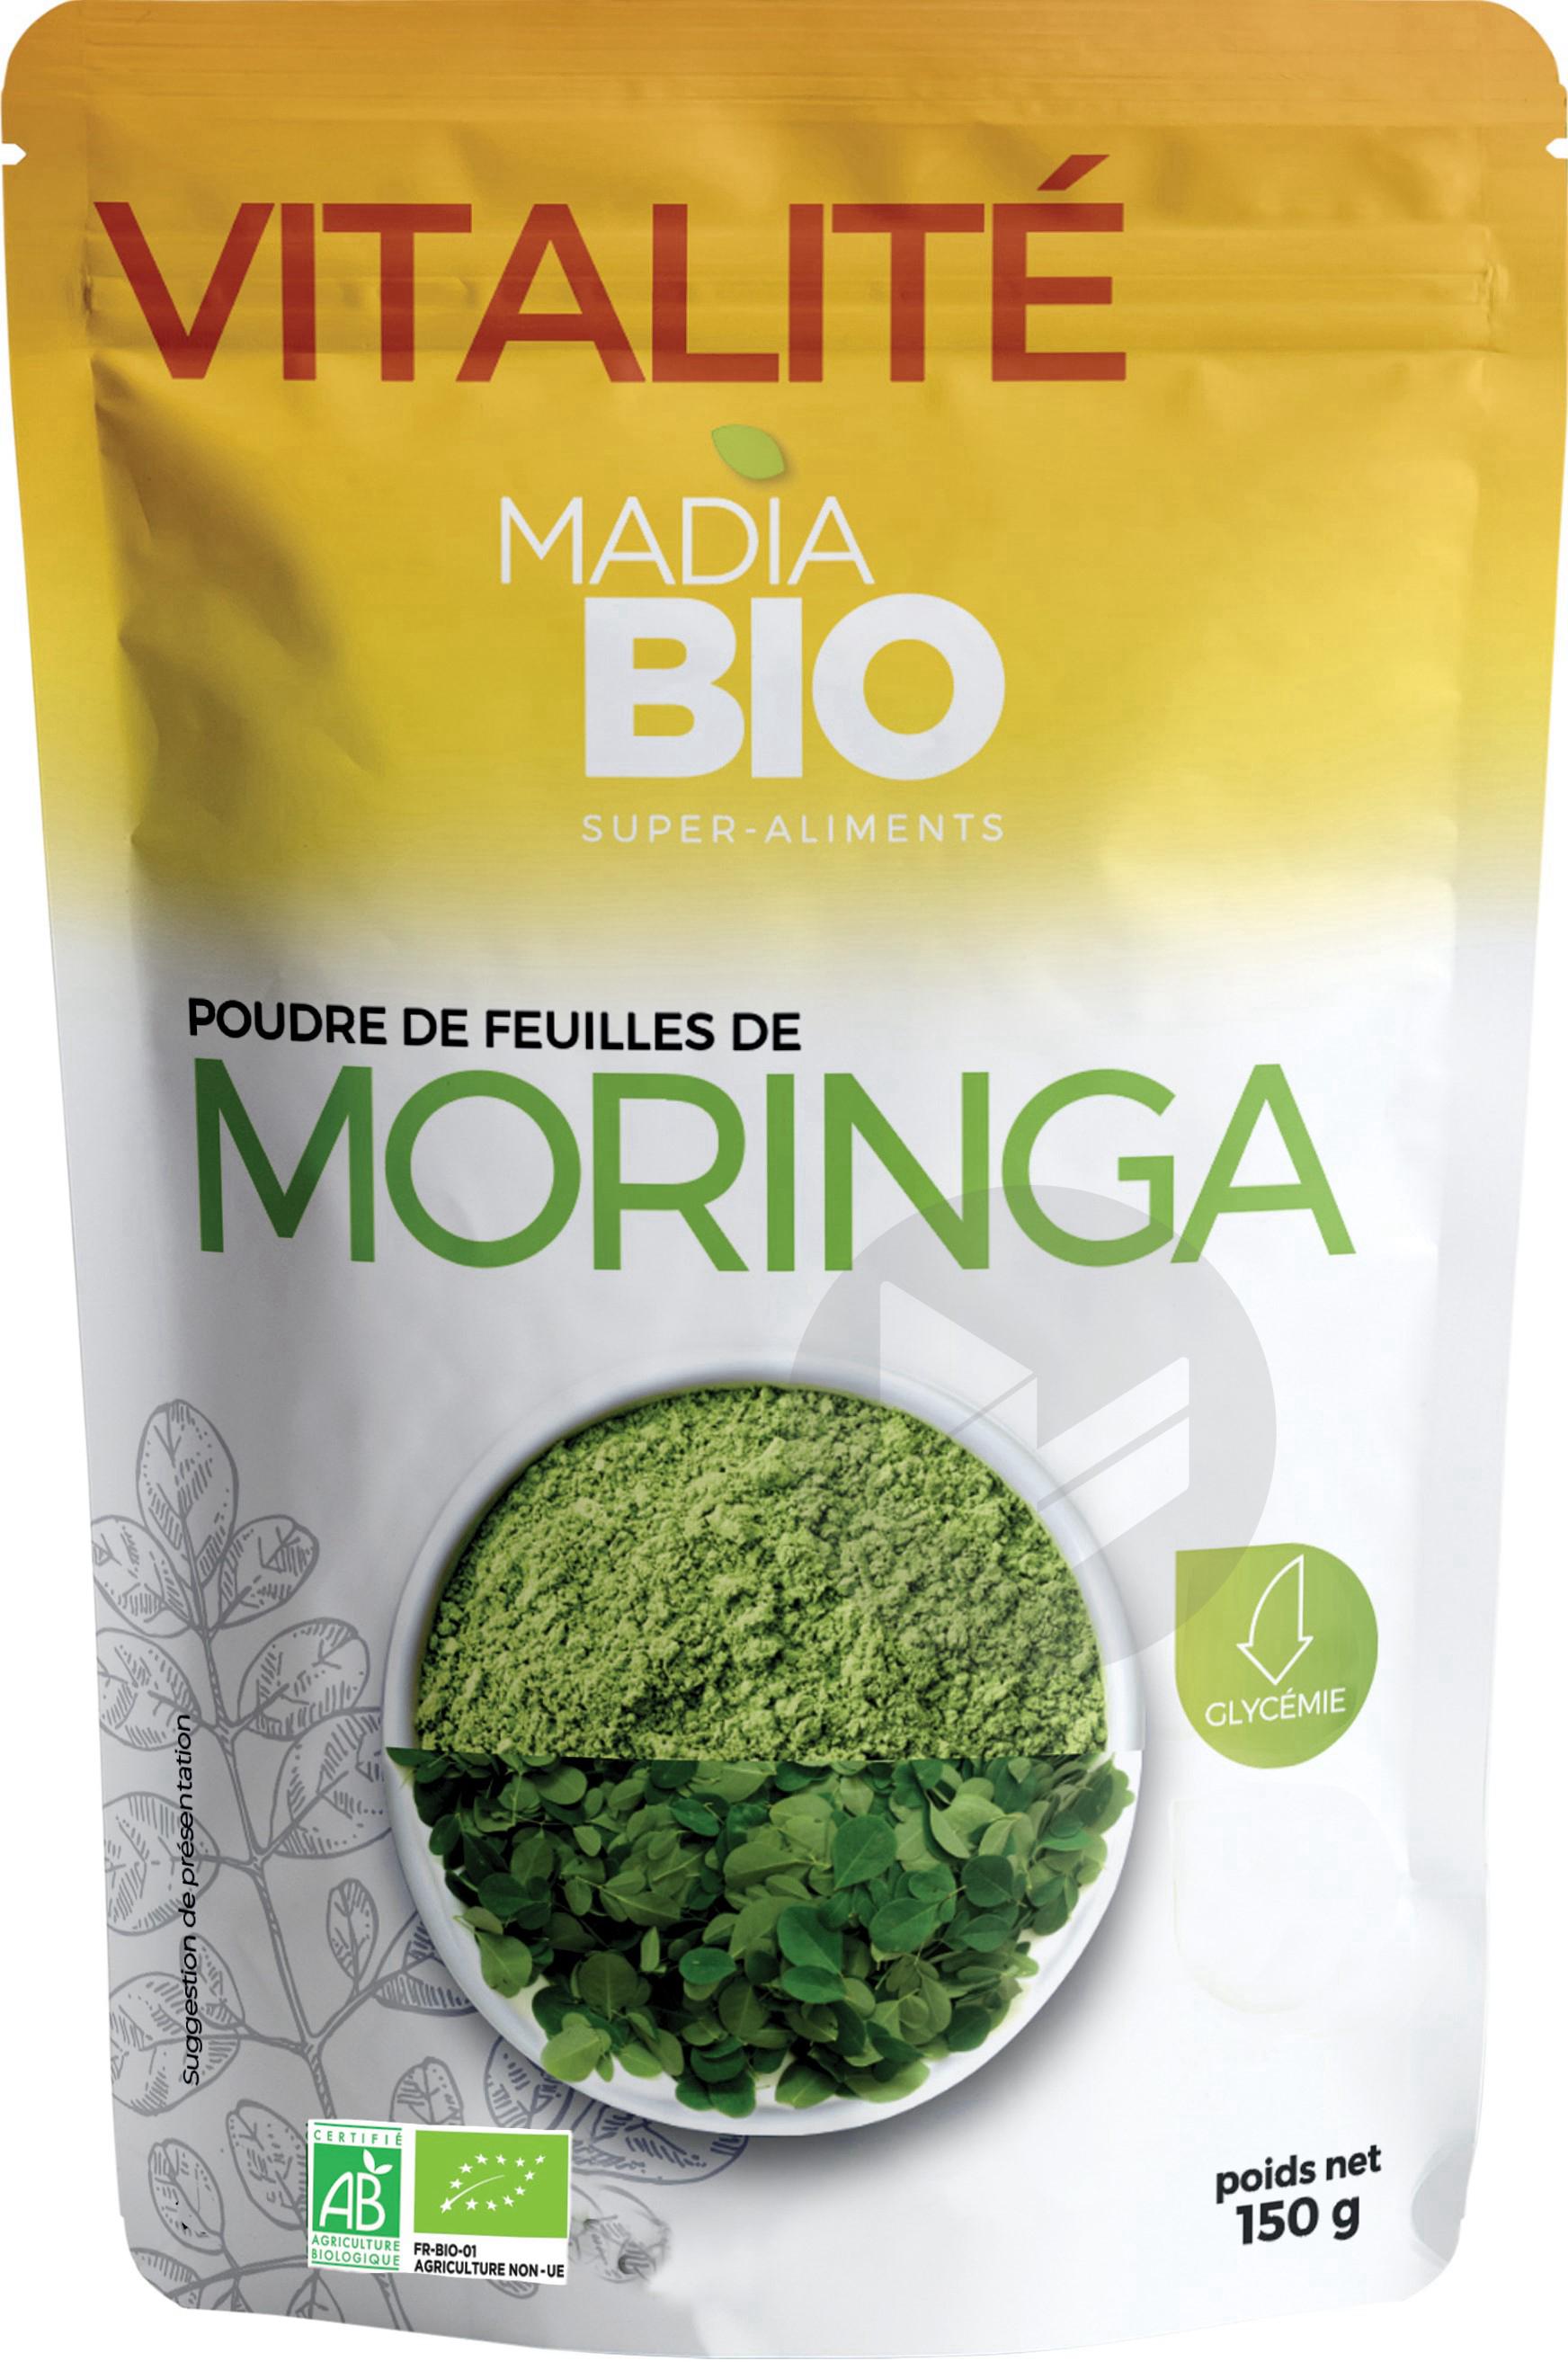 Madia Bio Poudre De Moringa